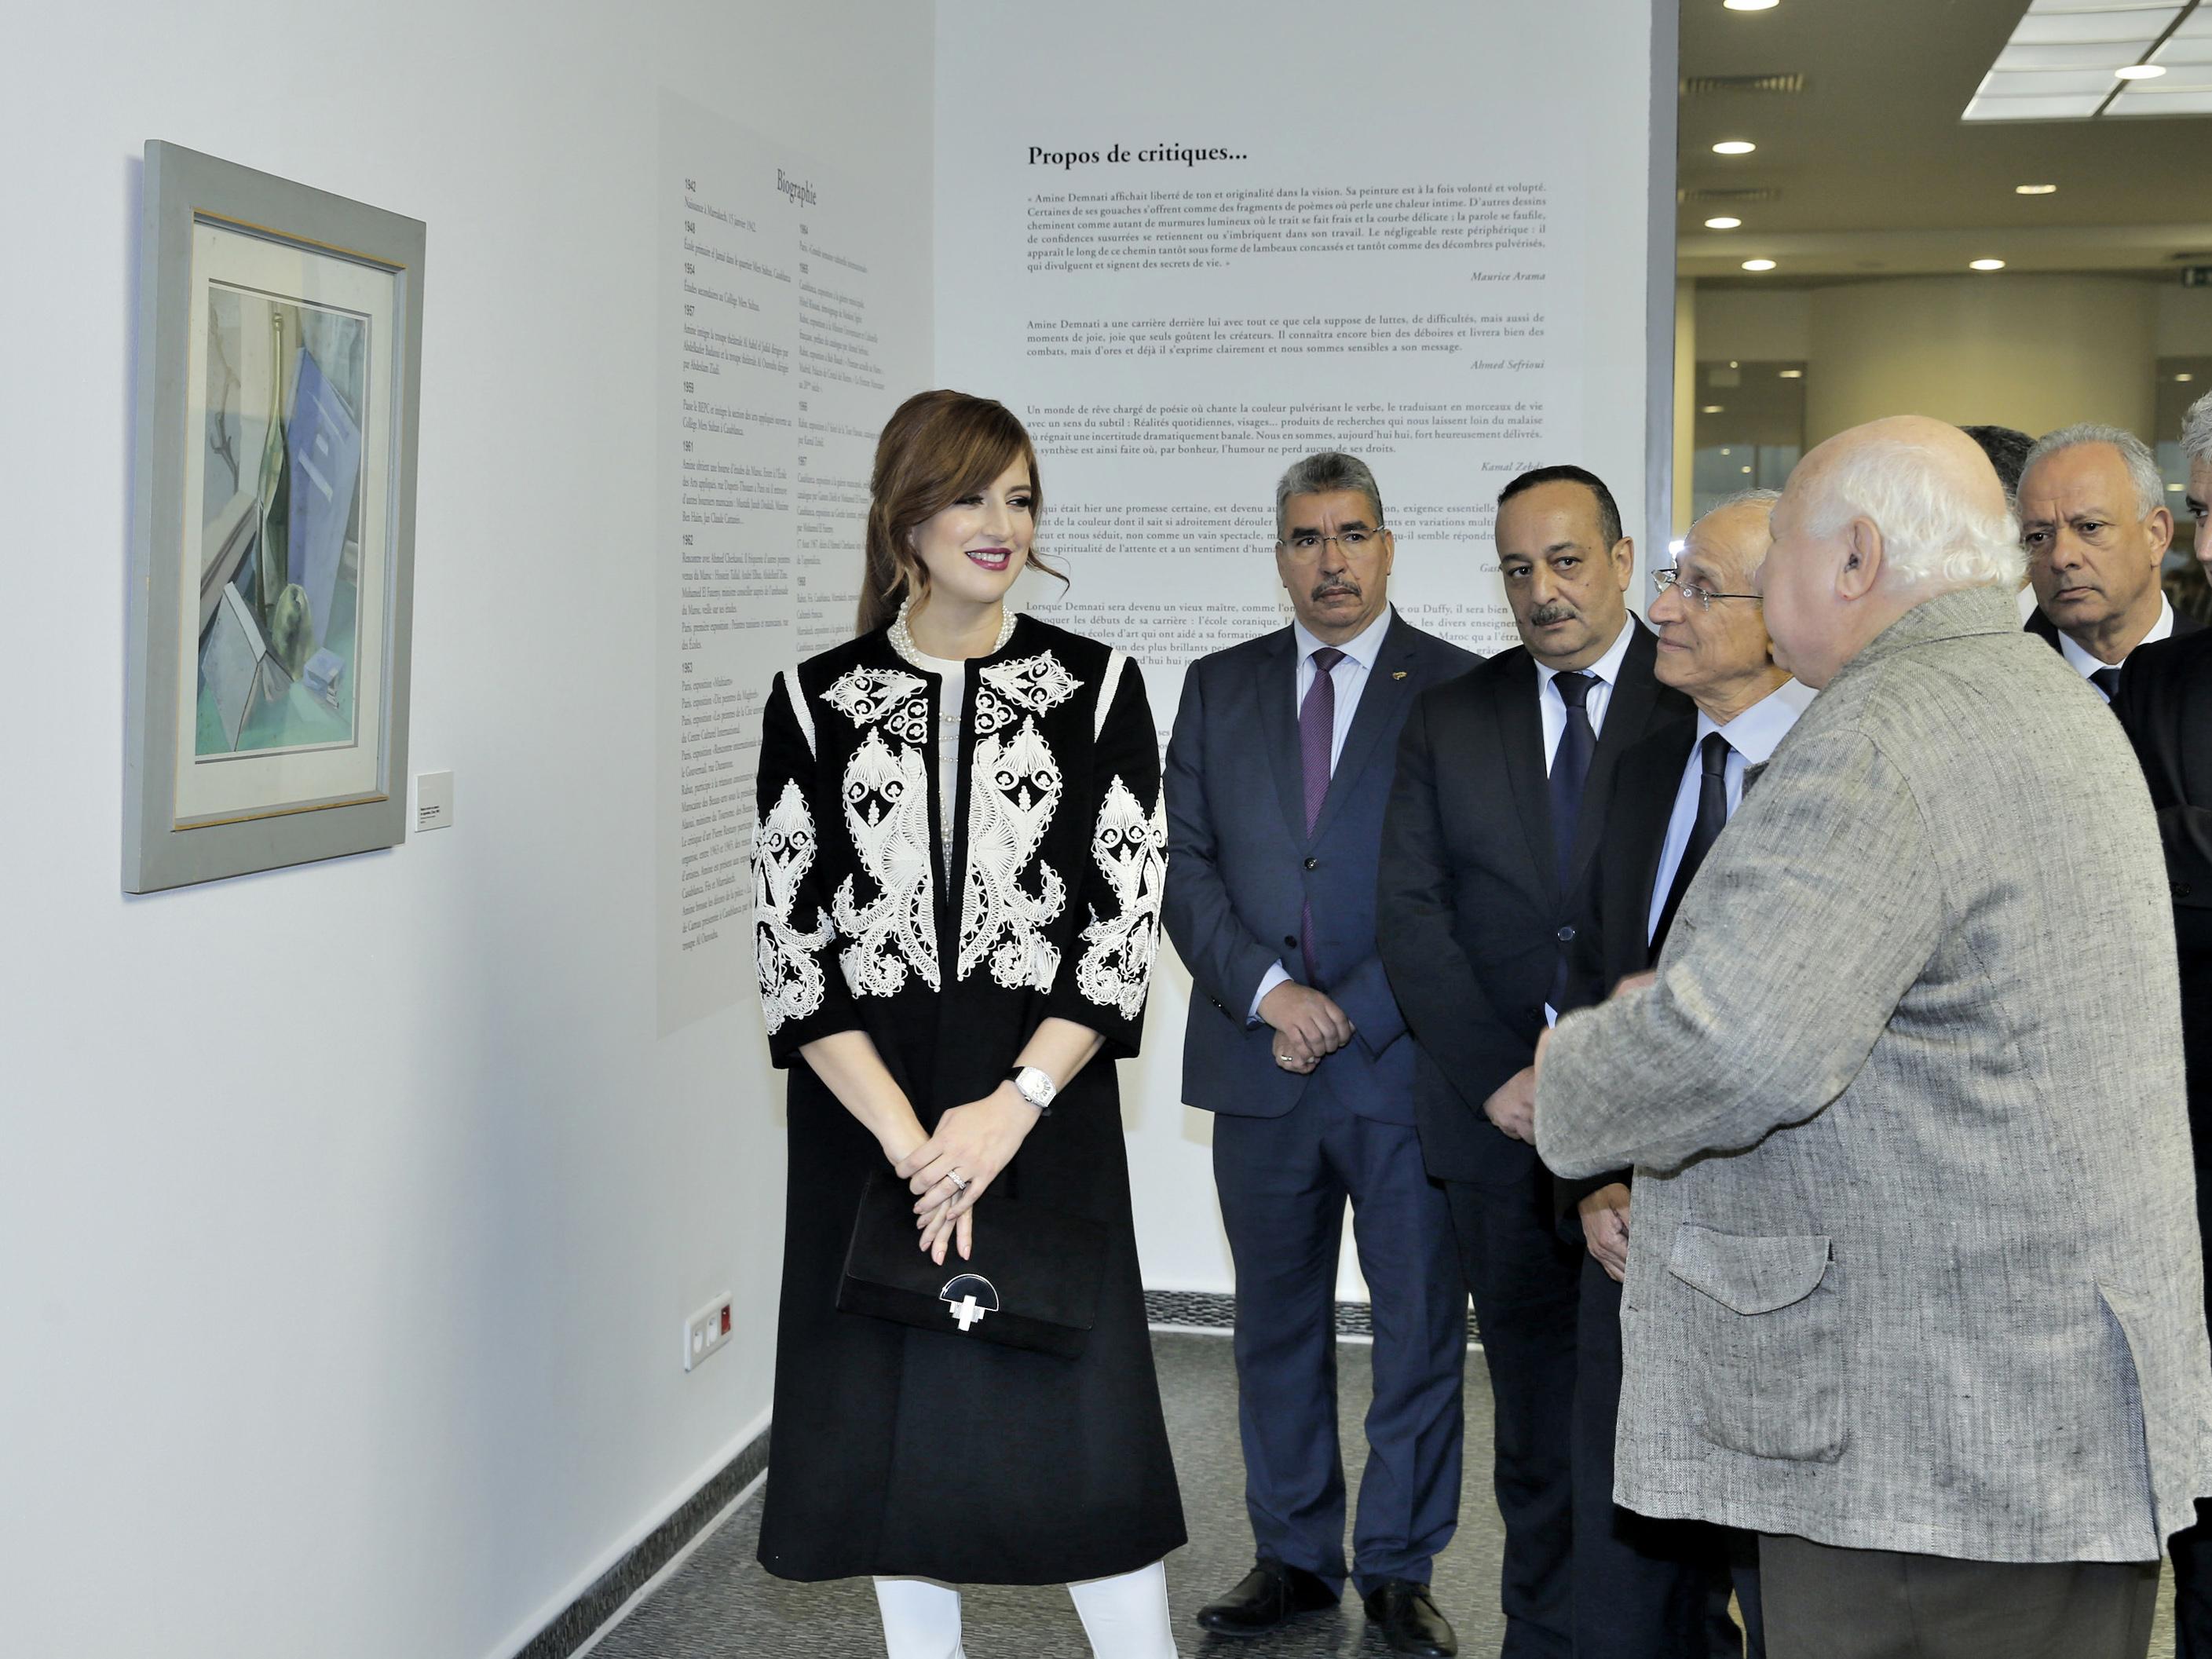 SAR la Princesse Lalla Salma préside une cérémonie d'hommage à la mémoire de l'artiste Mohamed Amine Demnati _SL